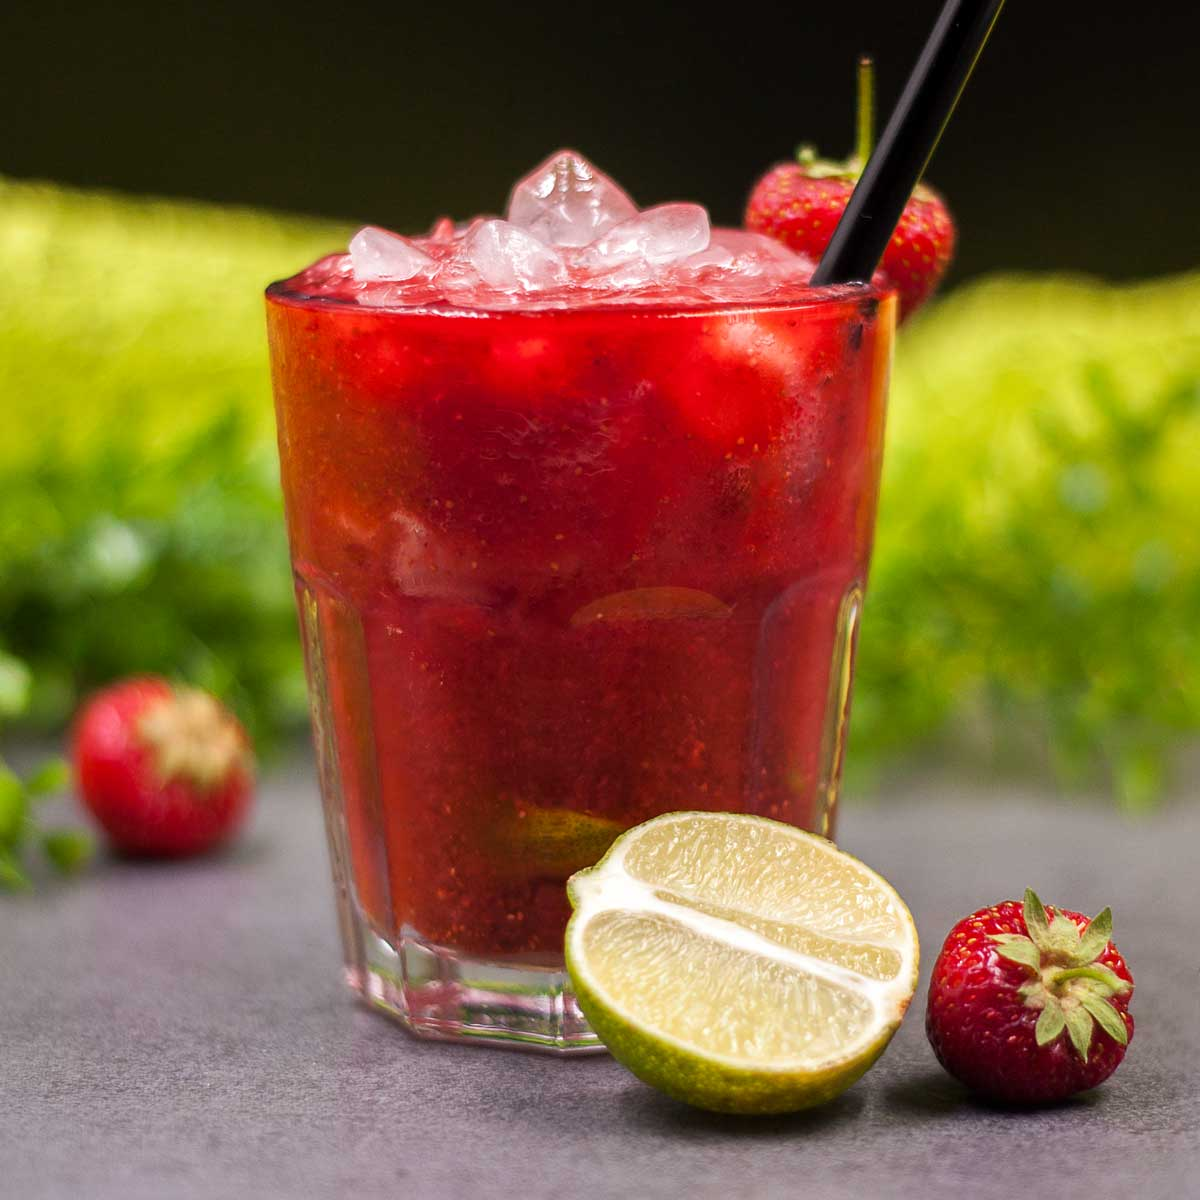 Der Erdbeer-Caipirinha ist lecker und Low Carb. Das Rezept vom Cocktail ist zudem sehr erfrischend.